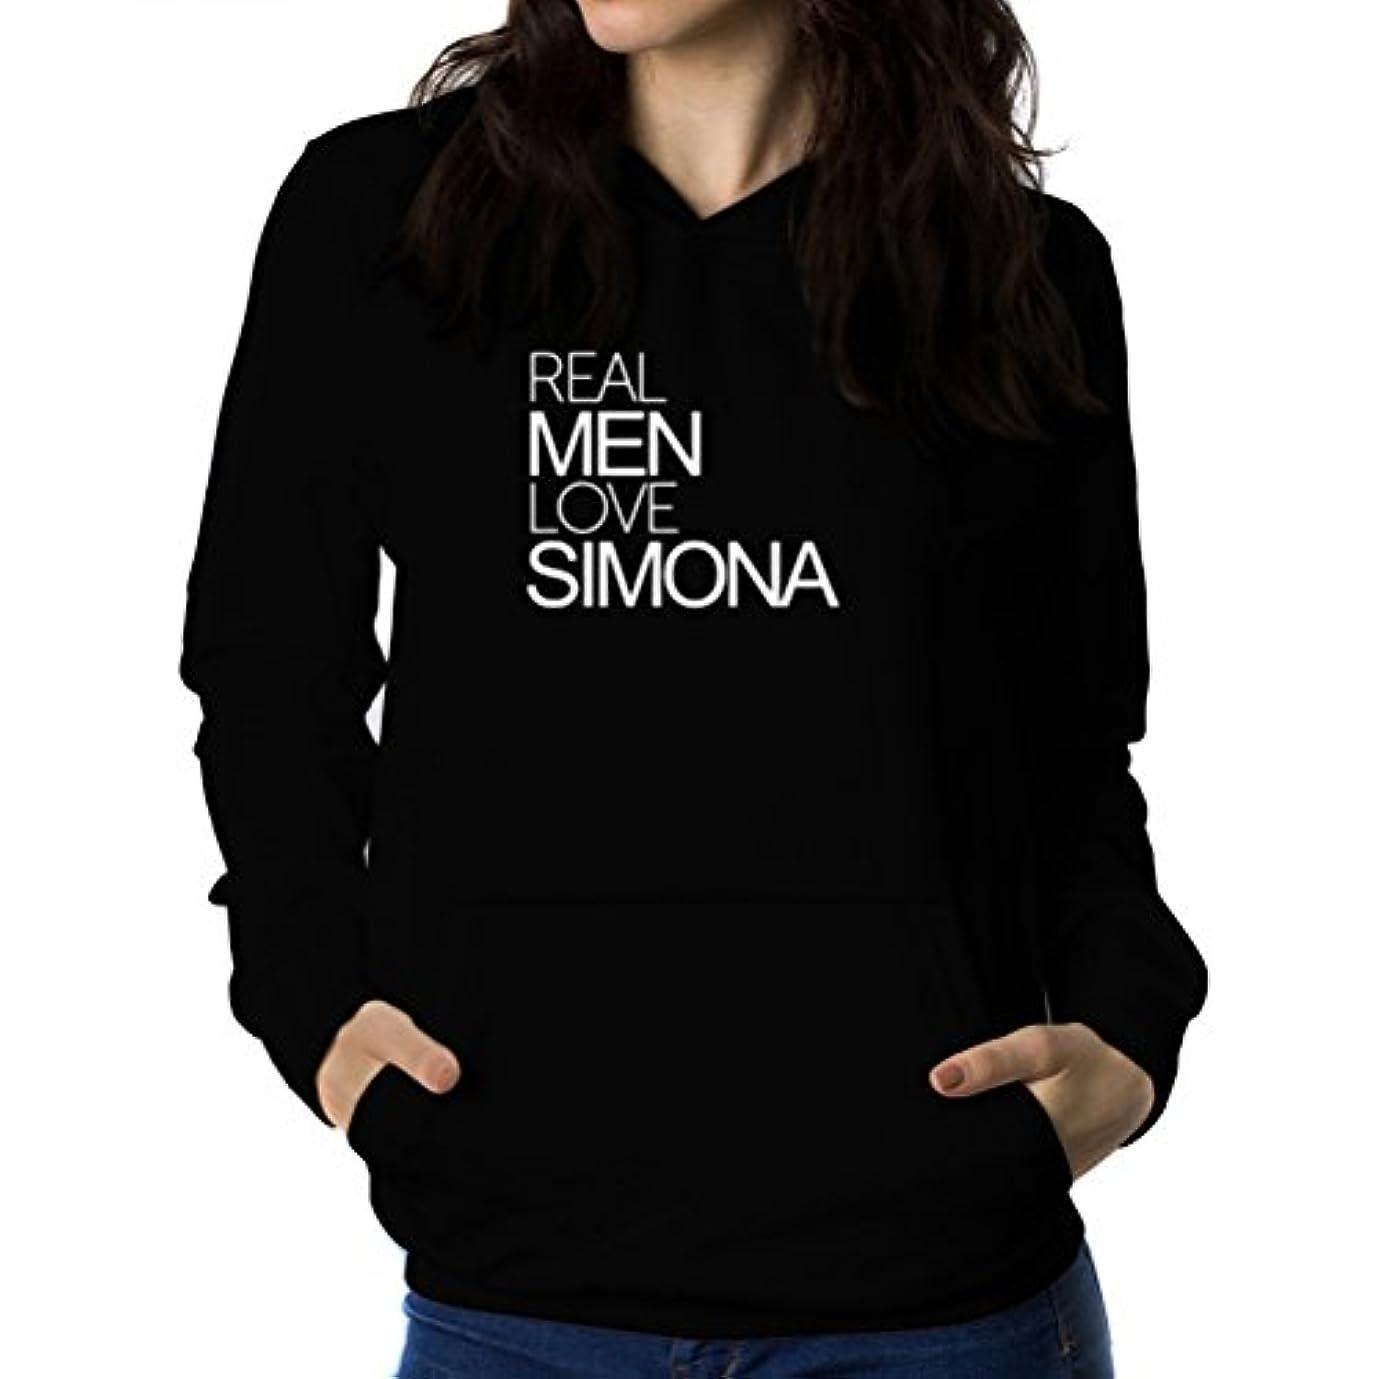 データベース仲良しアルファベット順Real men love Simona 女性 フーディー